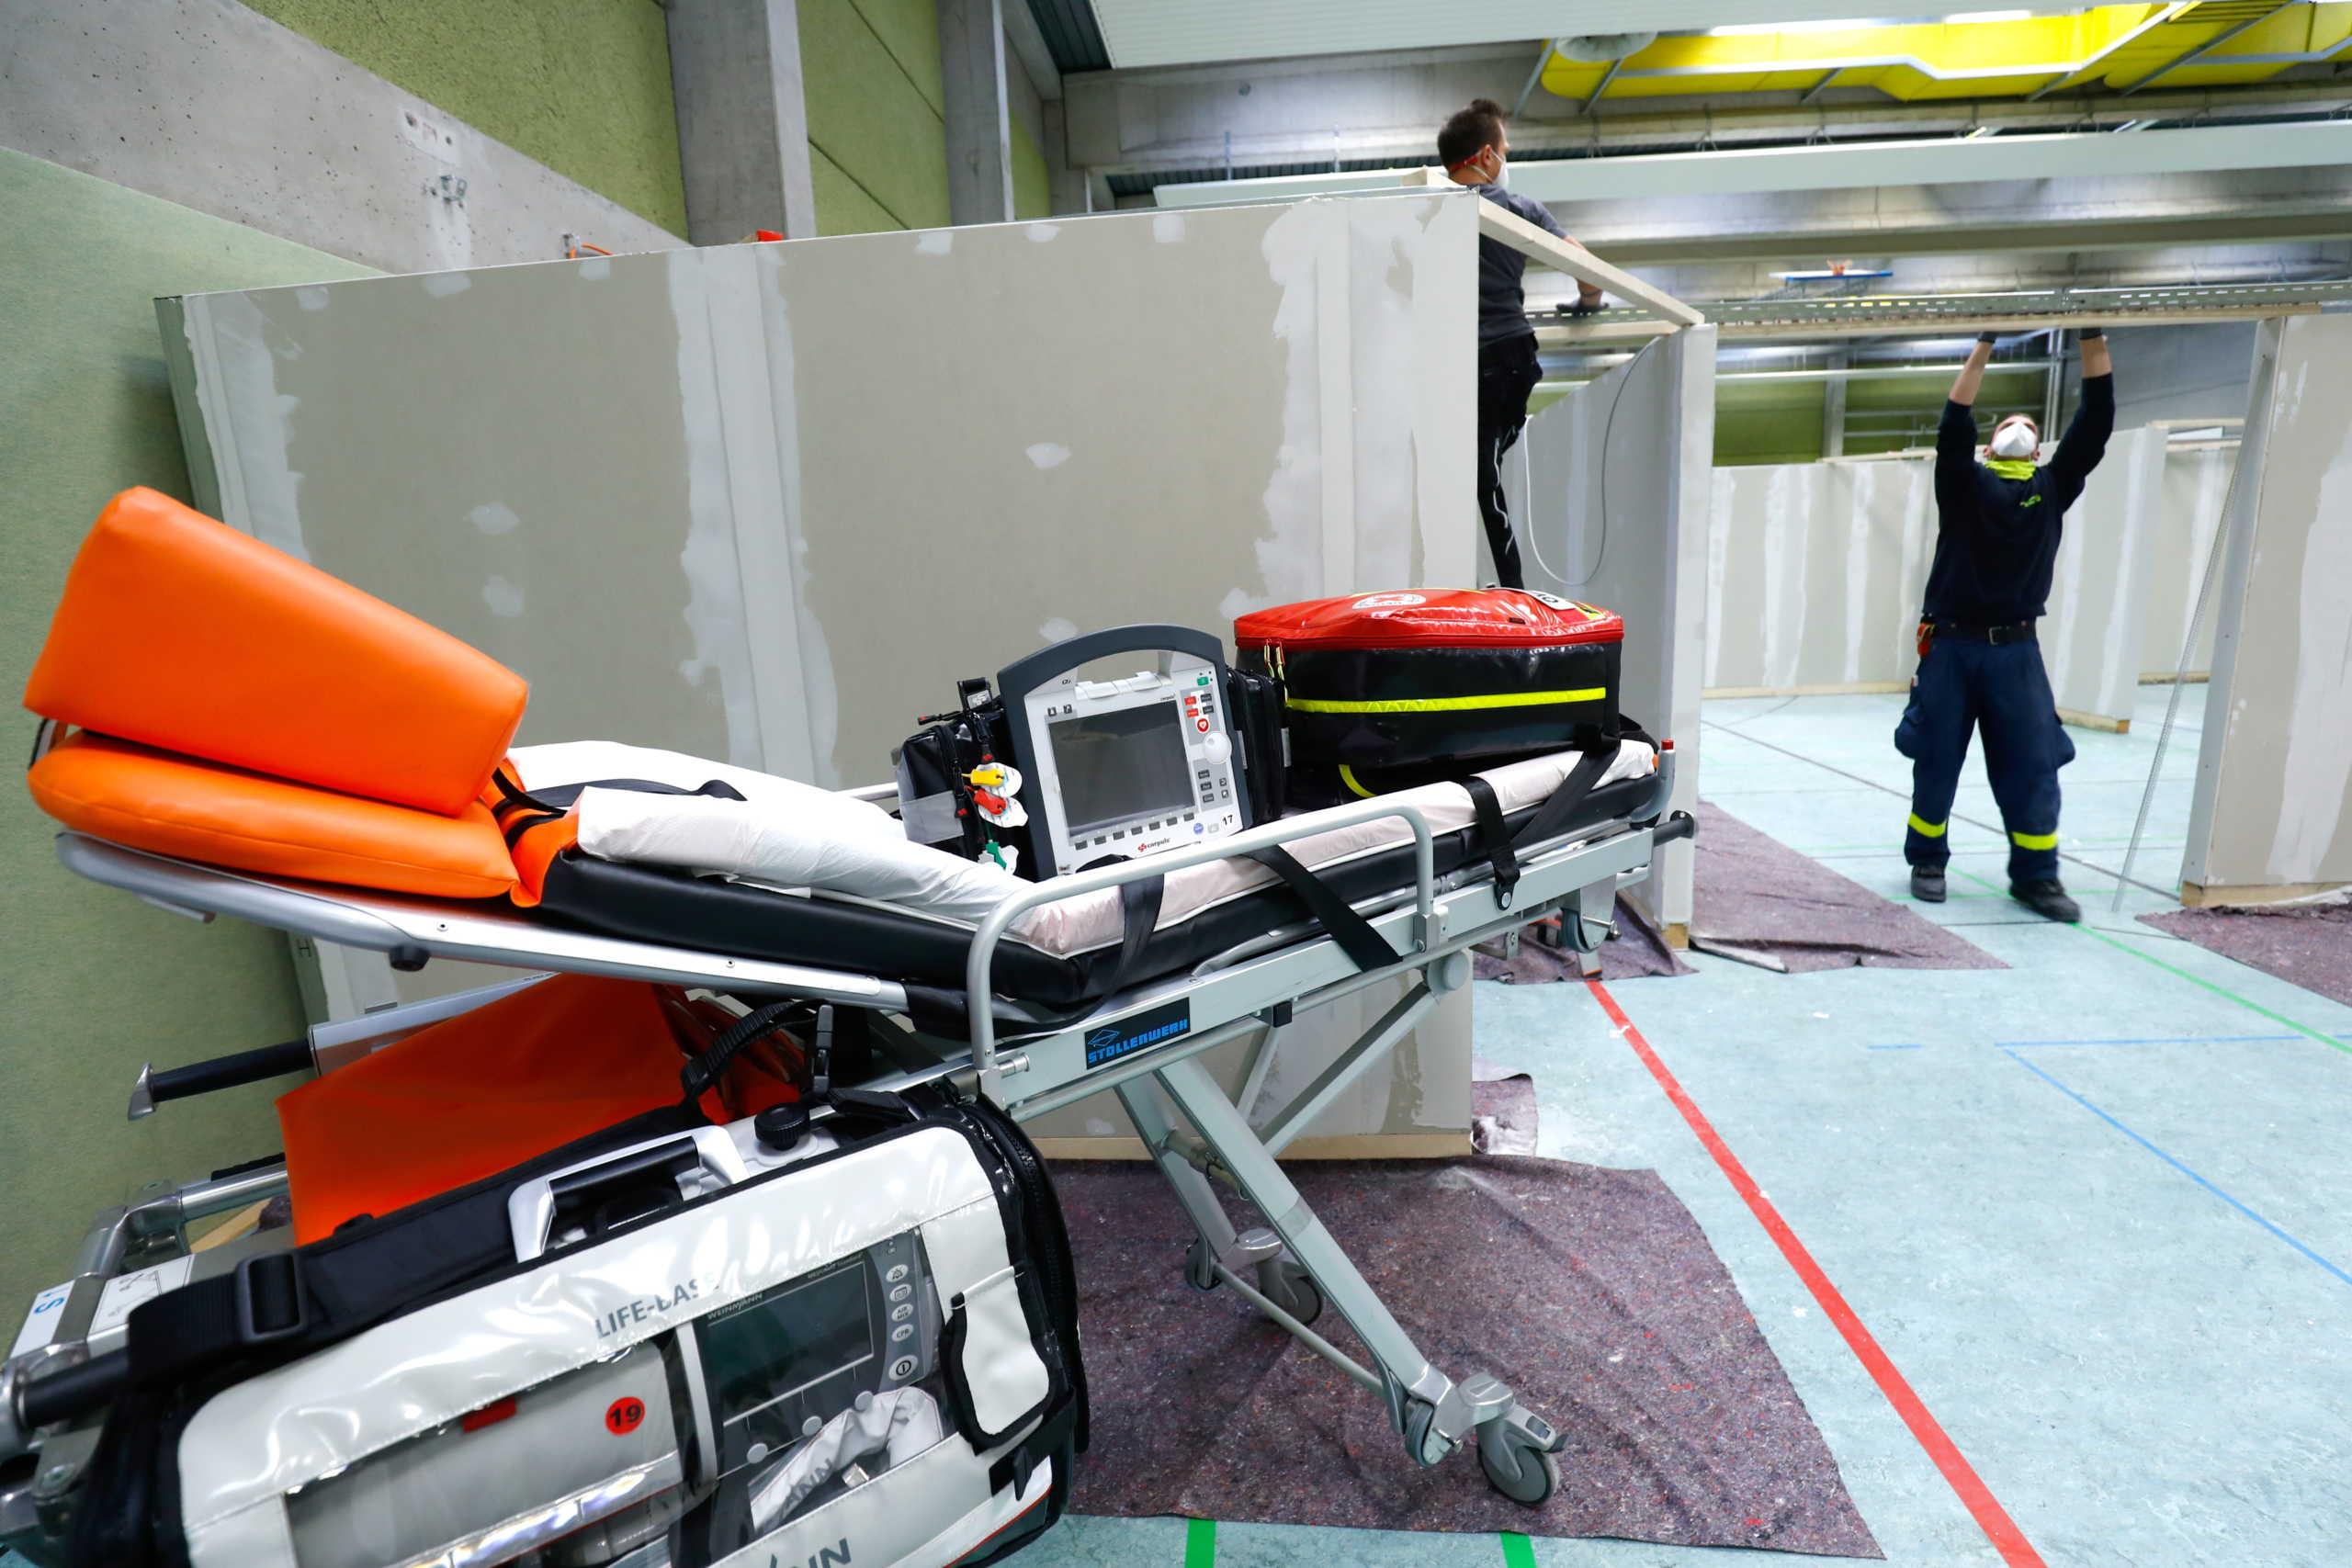 Γερμανία: Κι άλλο «μαύρο» 24ωρο με 1.013 νεκρούς από κορονοϊό